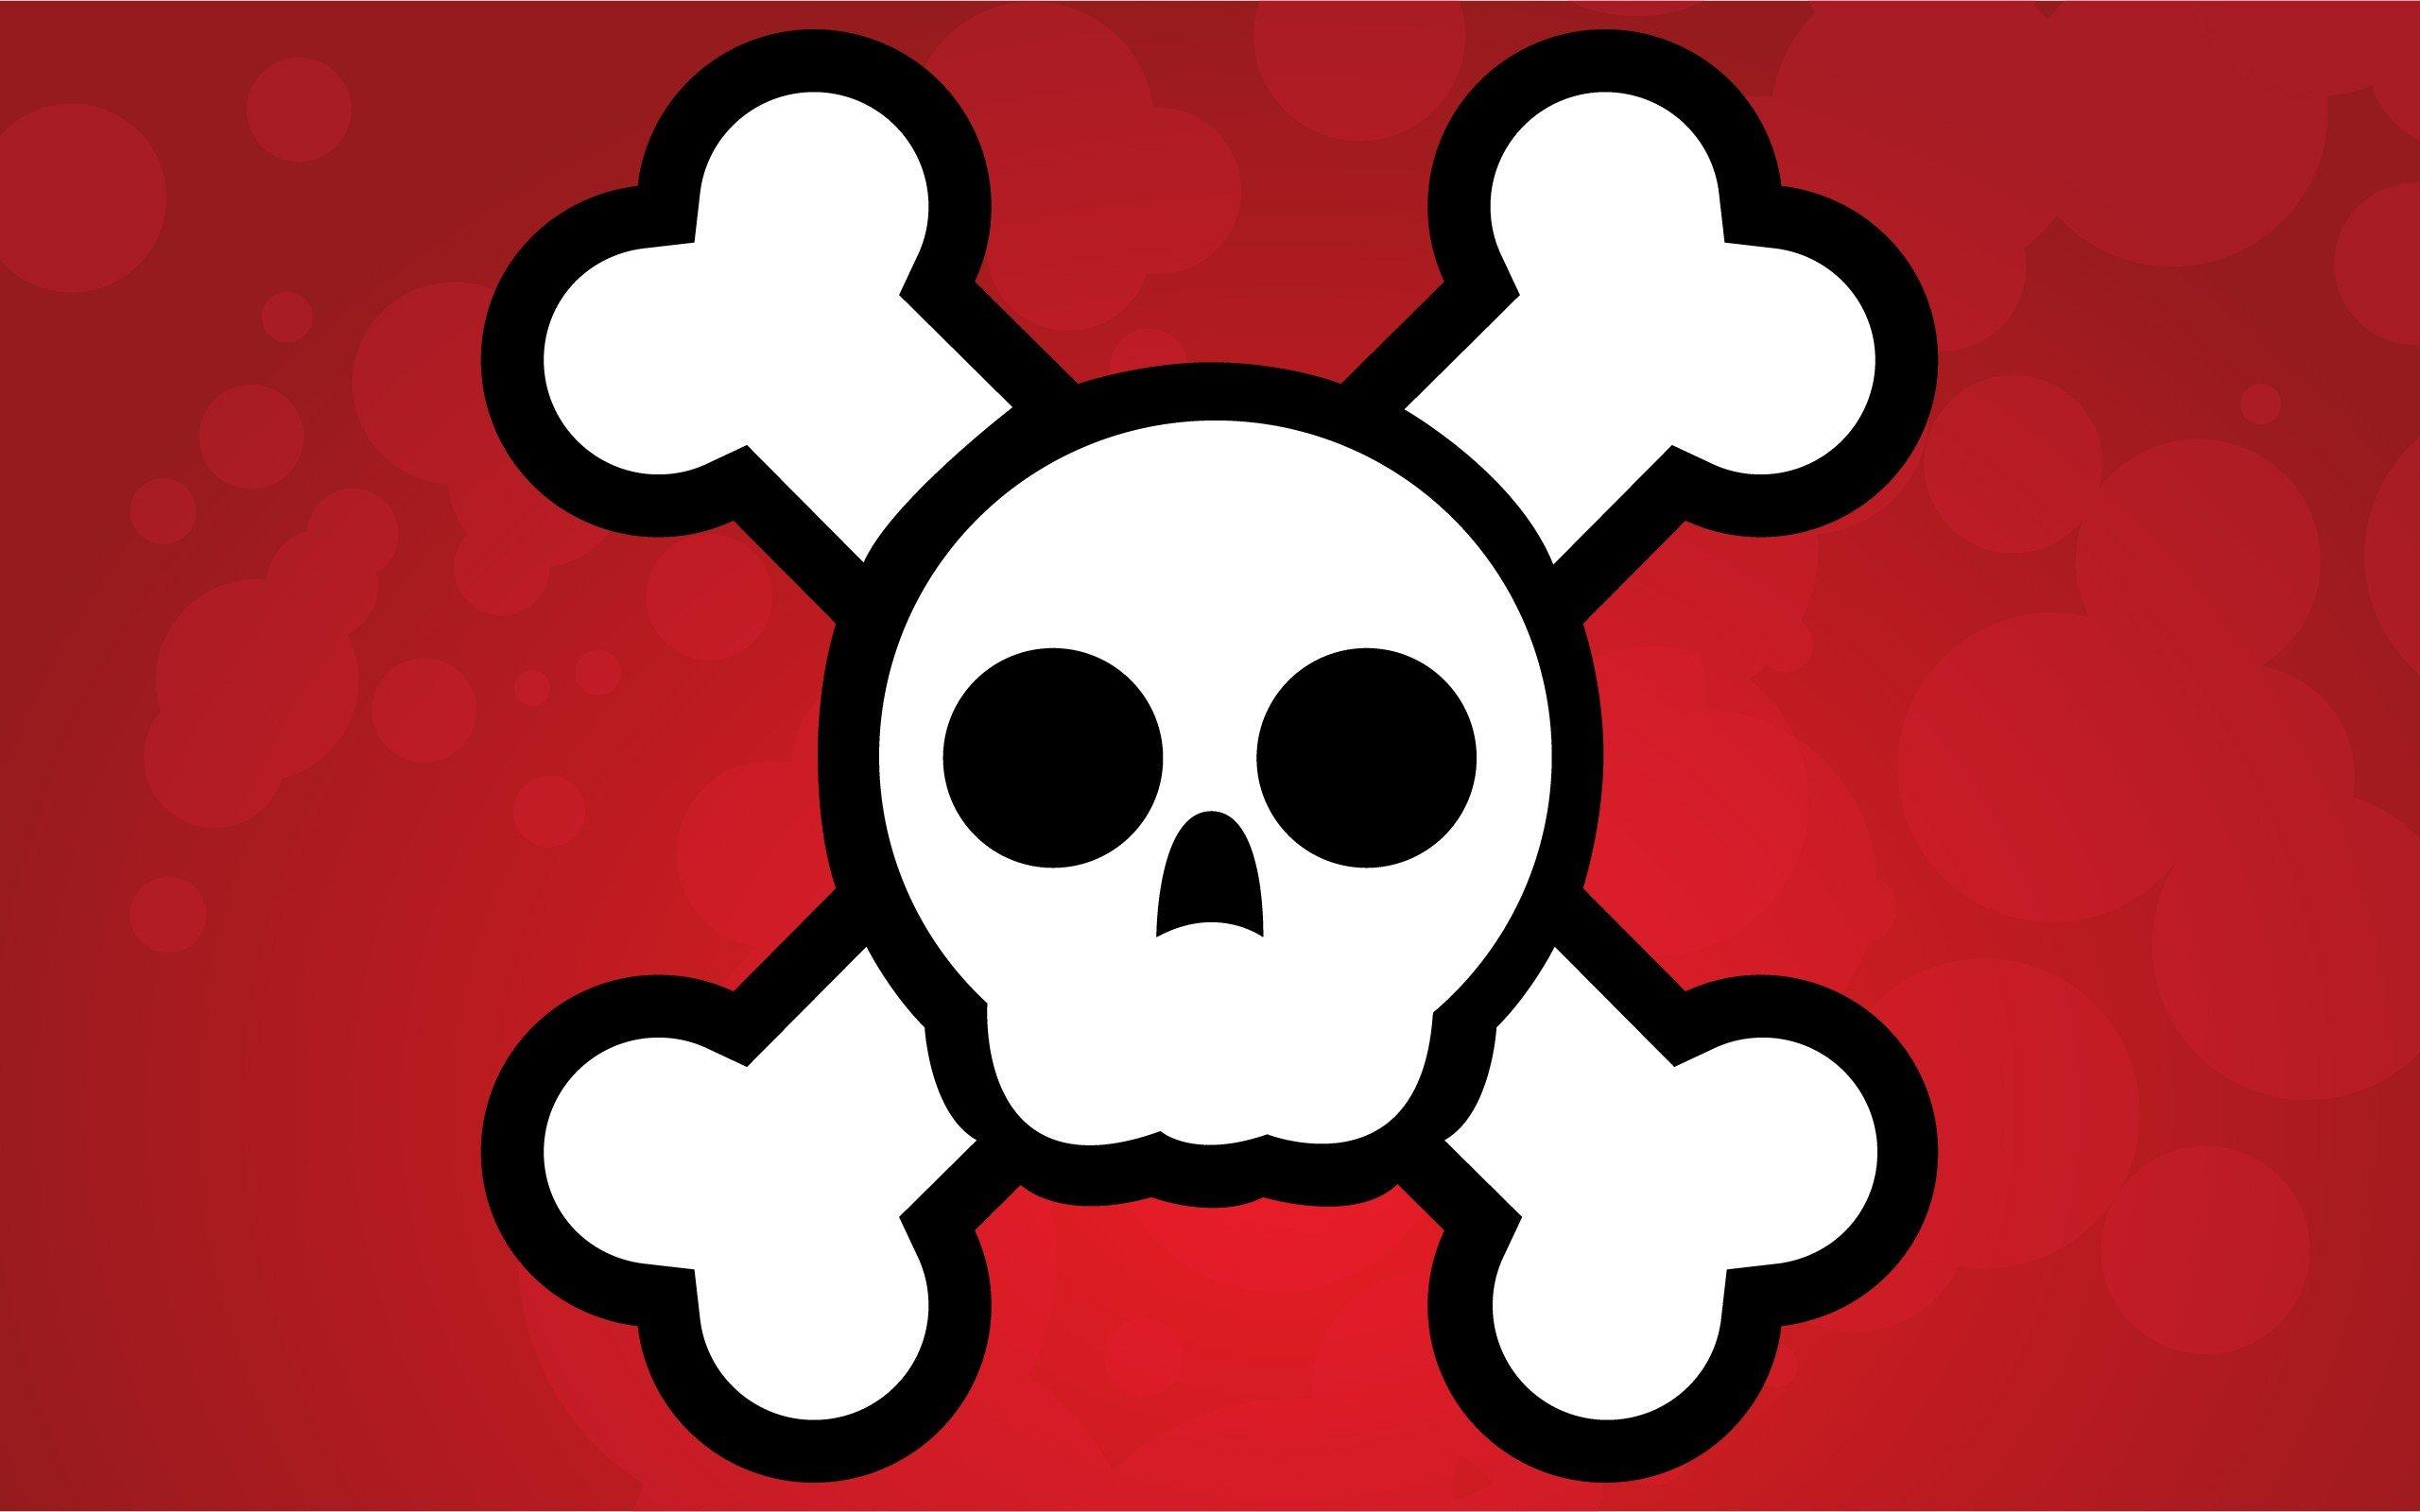 2560x1600 Skull And Bones, Vectors, Vector Art, Red Background Wallpapers Hd